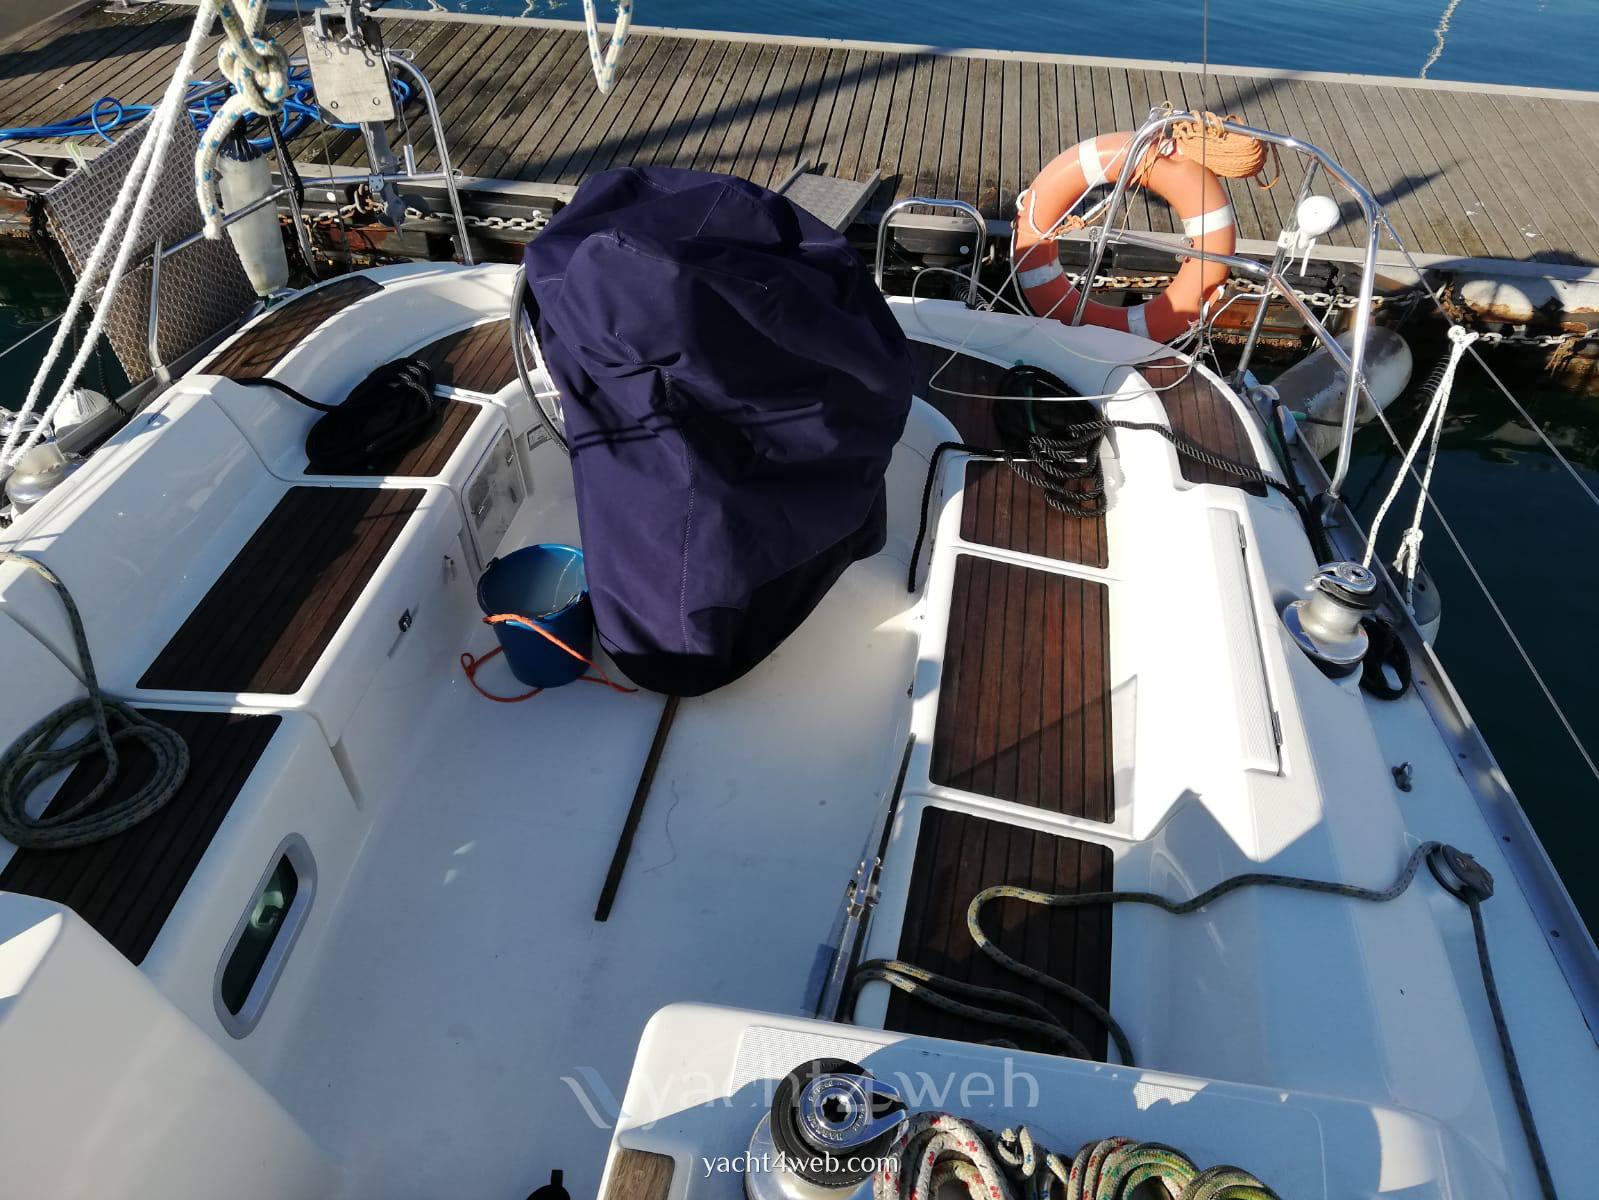 Jeanneau Sun odyssey 37 Cruiser